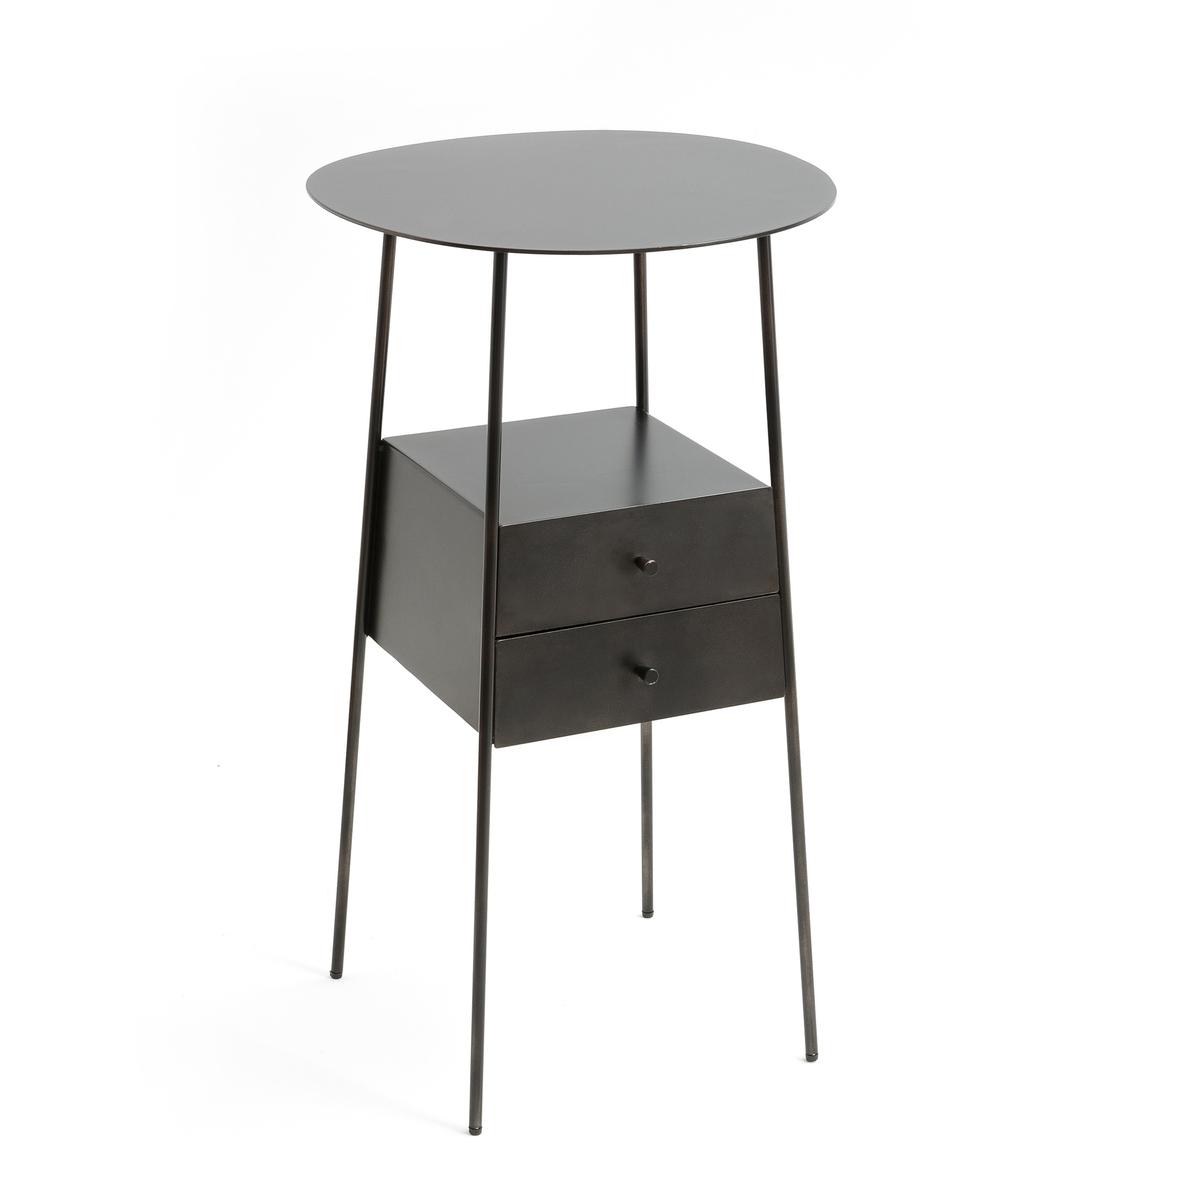 Столик La Redoute Прикроватный из металла Osasun единый размер серый